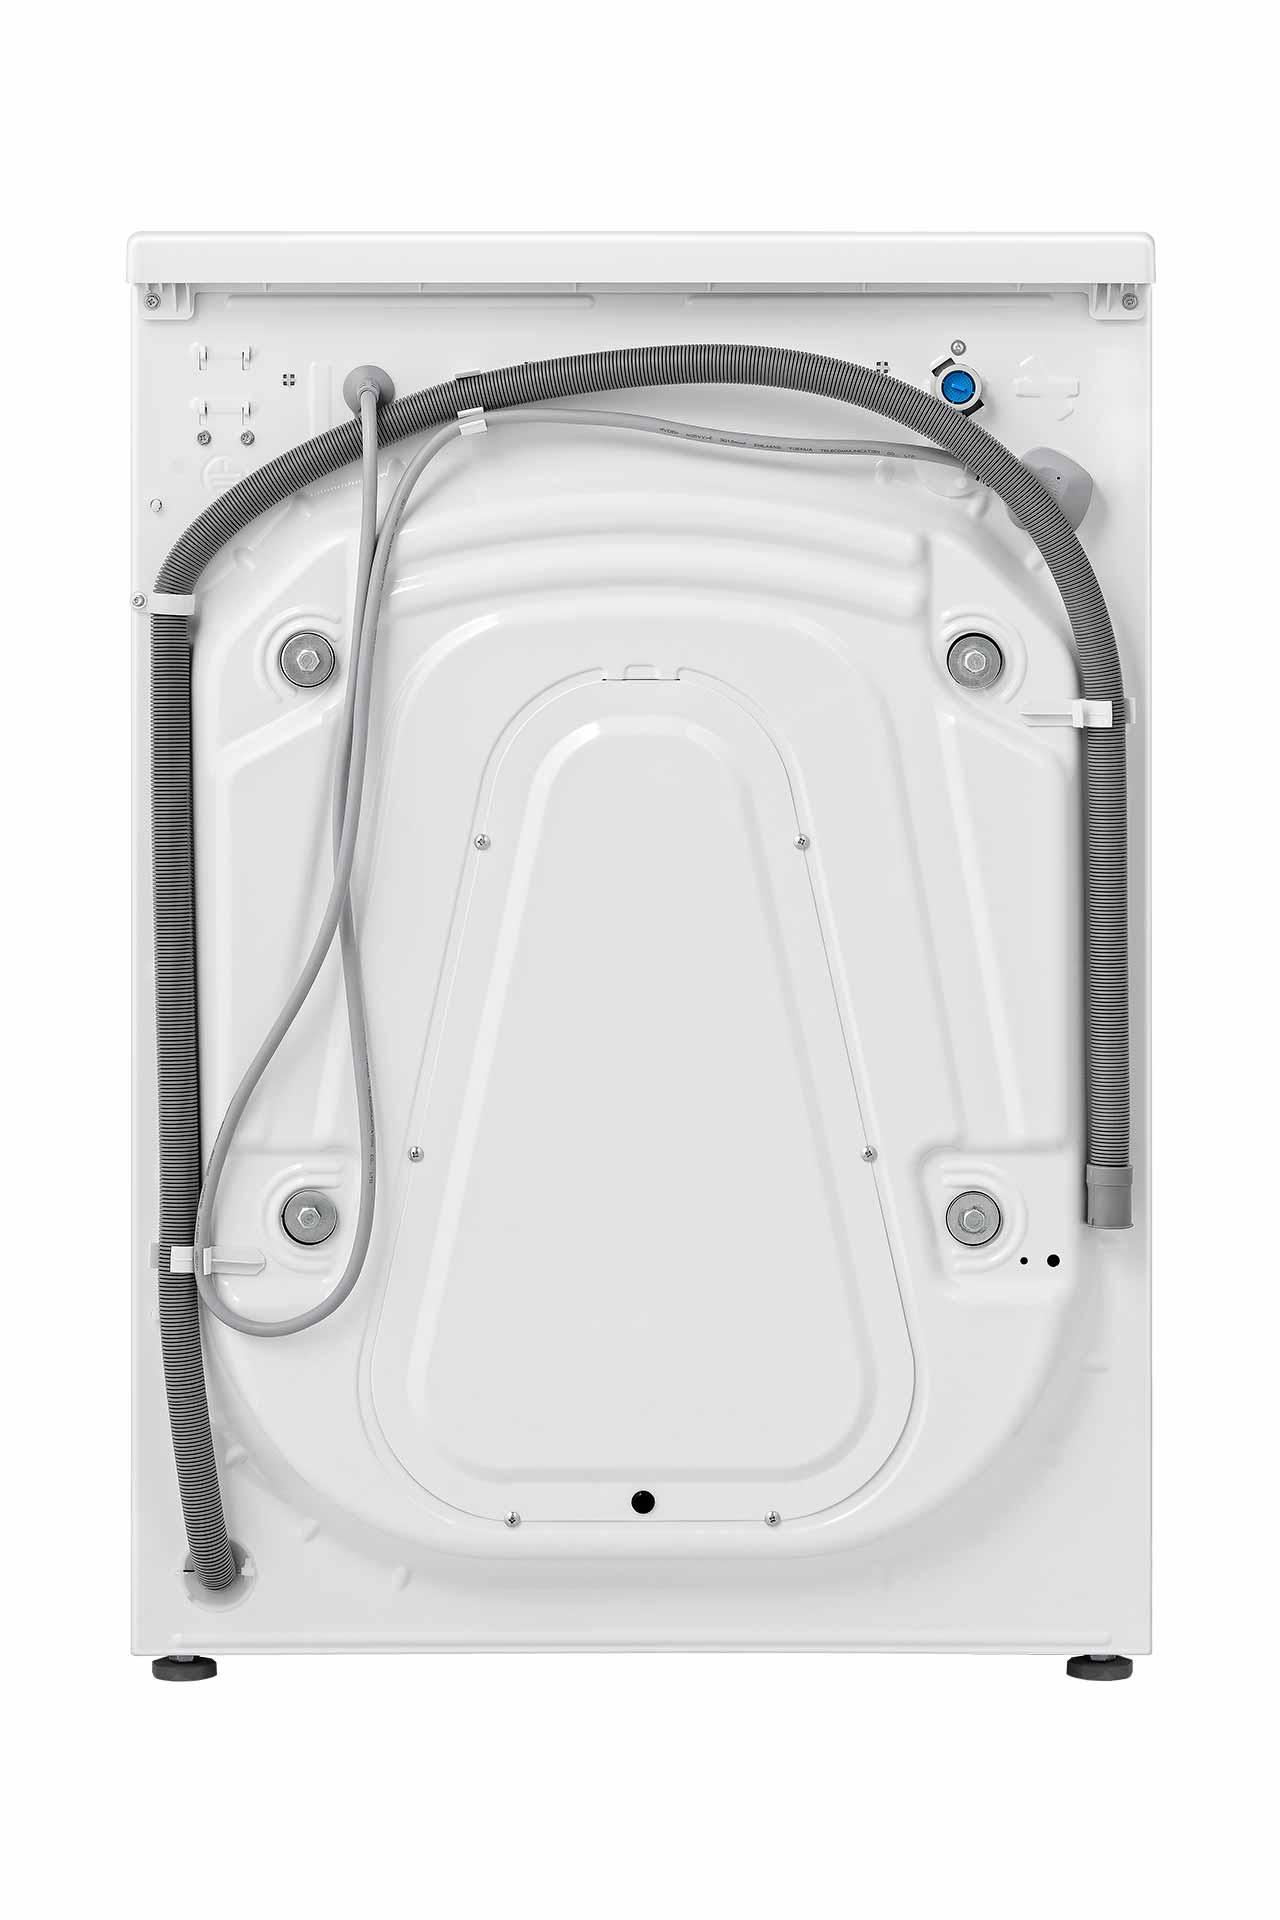 Lavadoras de carga fontal Lavadora WFPV9014EM